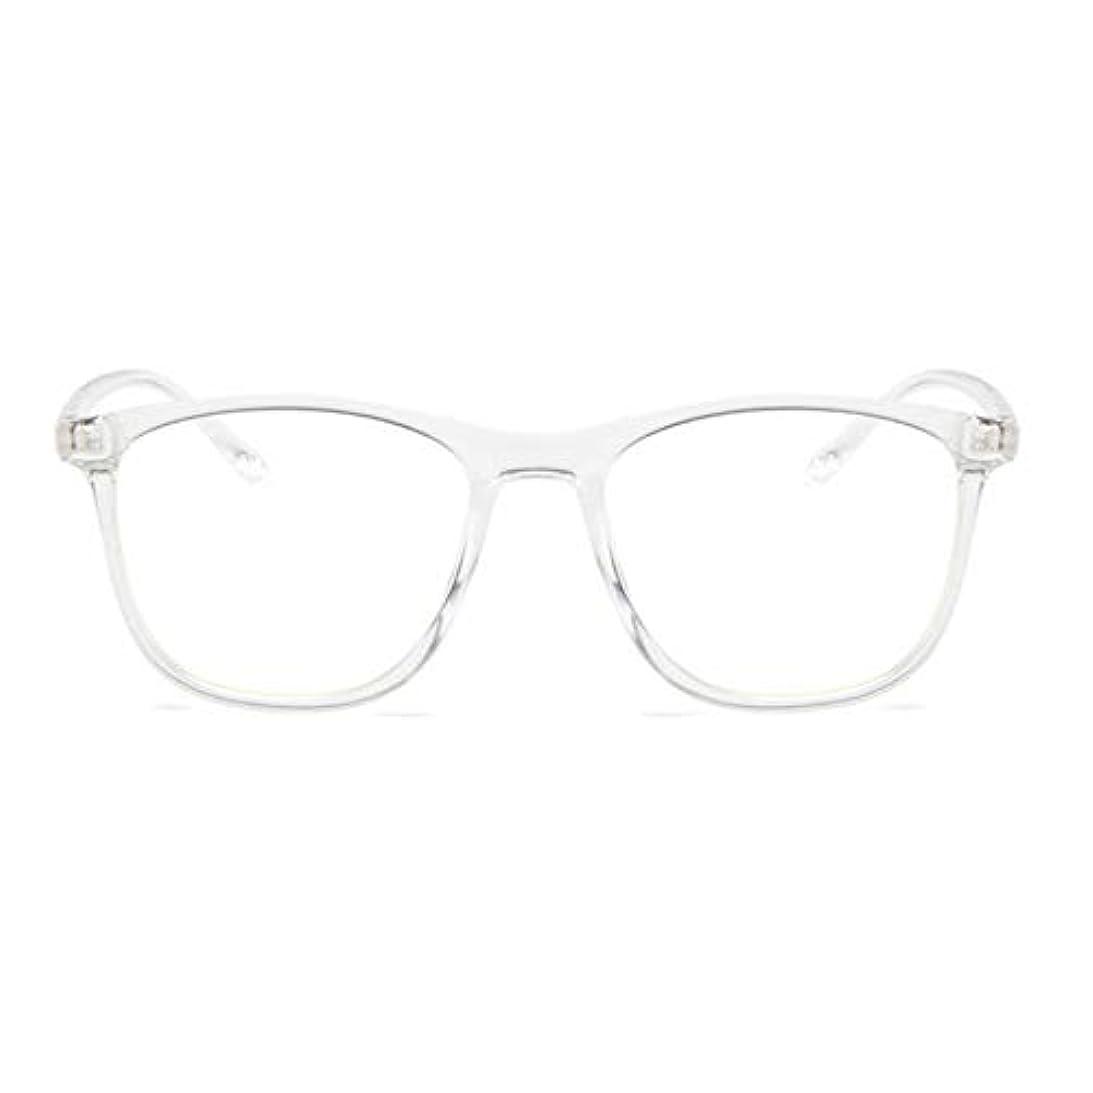 煙突ペアあなたは韓国の学生のプレーンメガネ男性と女性のファッションメガネフレーム近視メガネフレームファッショナブルなシンプルなメガネ-透明ホワイト